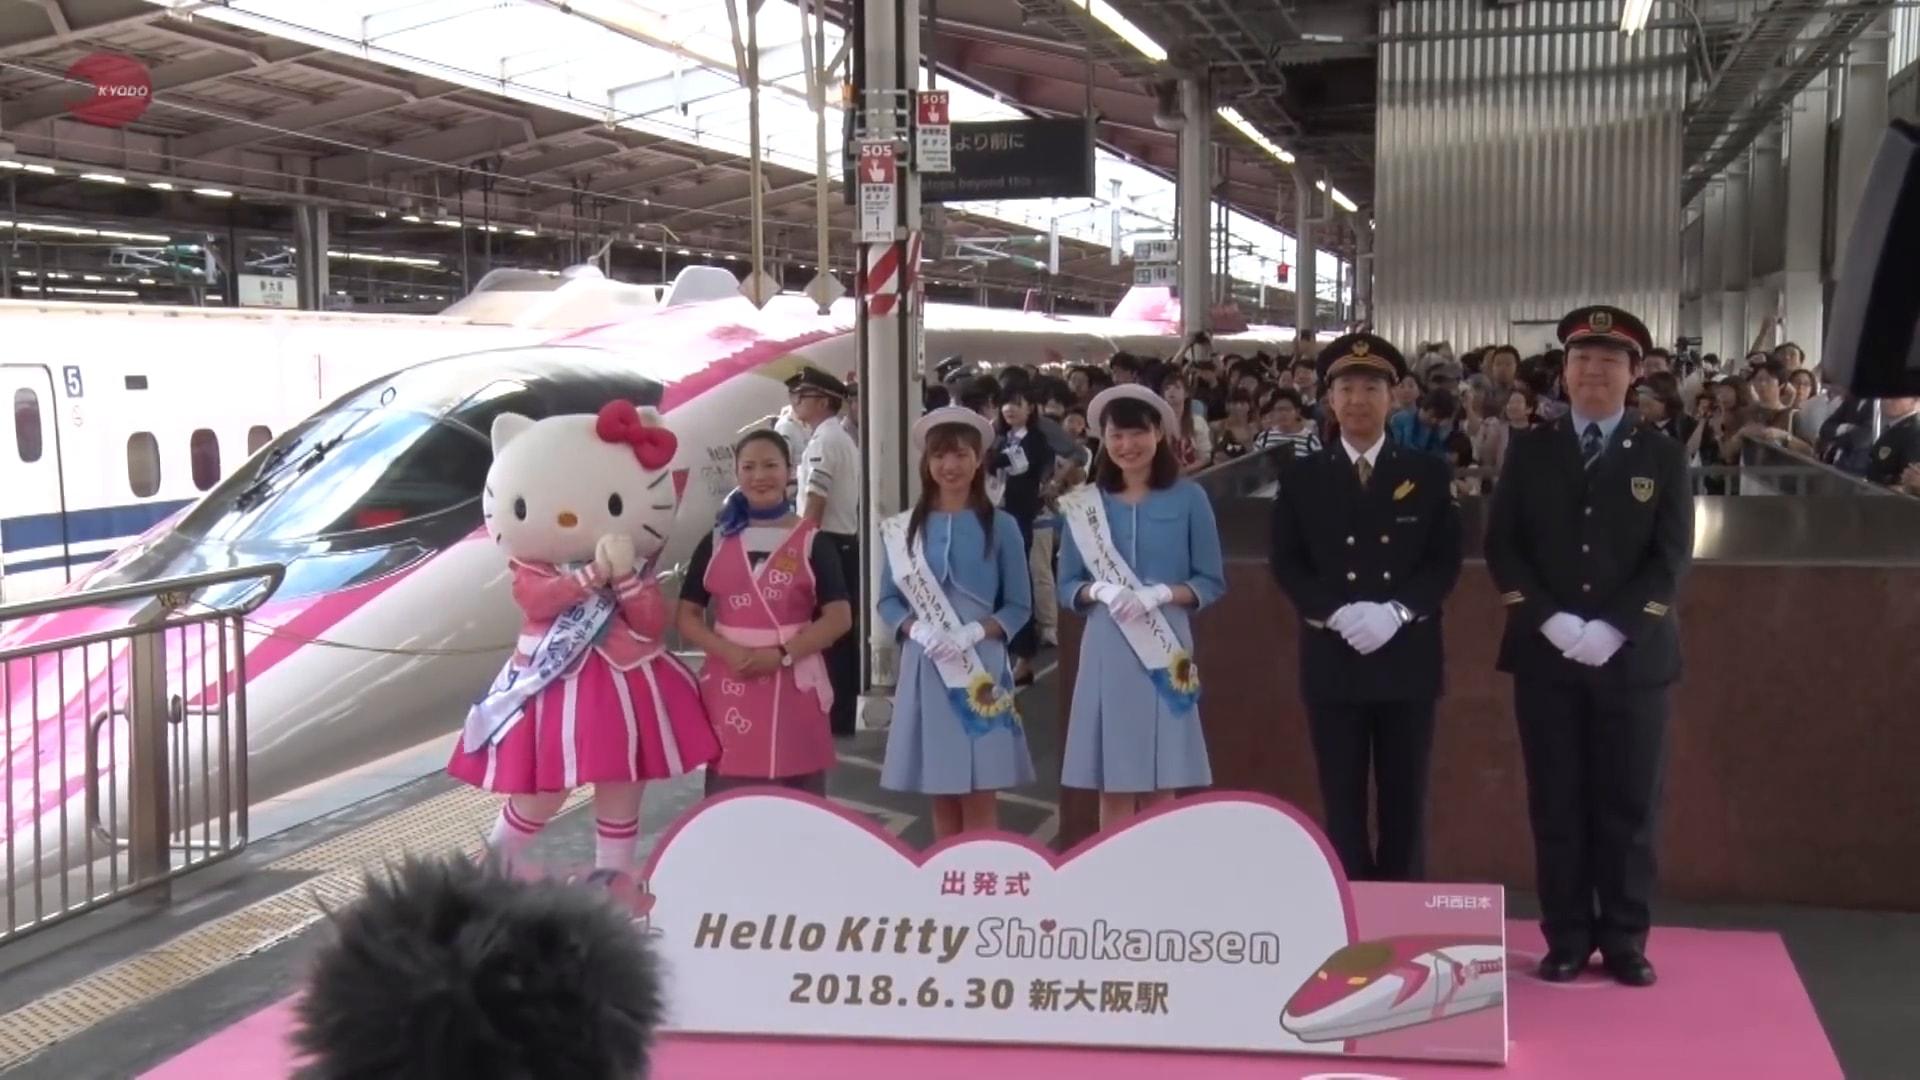 Новый скоростной поезд Hello Kitty: Pink Bullet Train был запущен в Японии